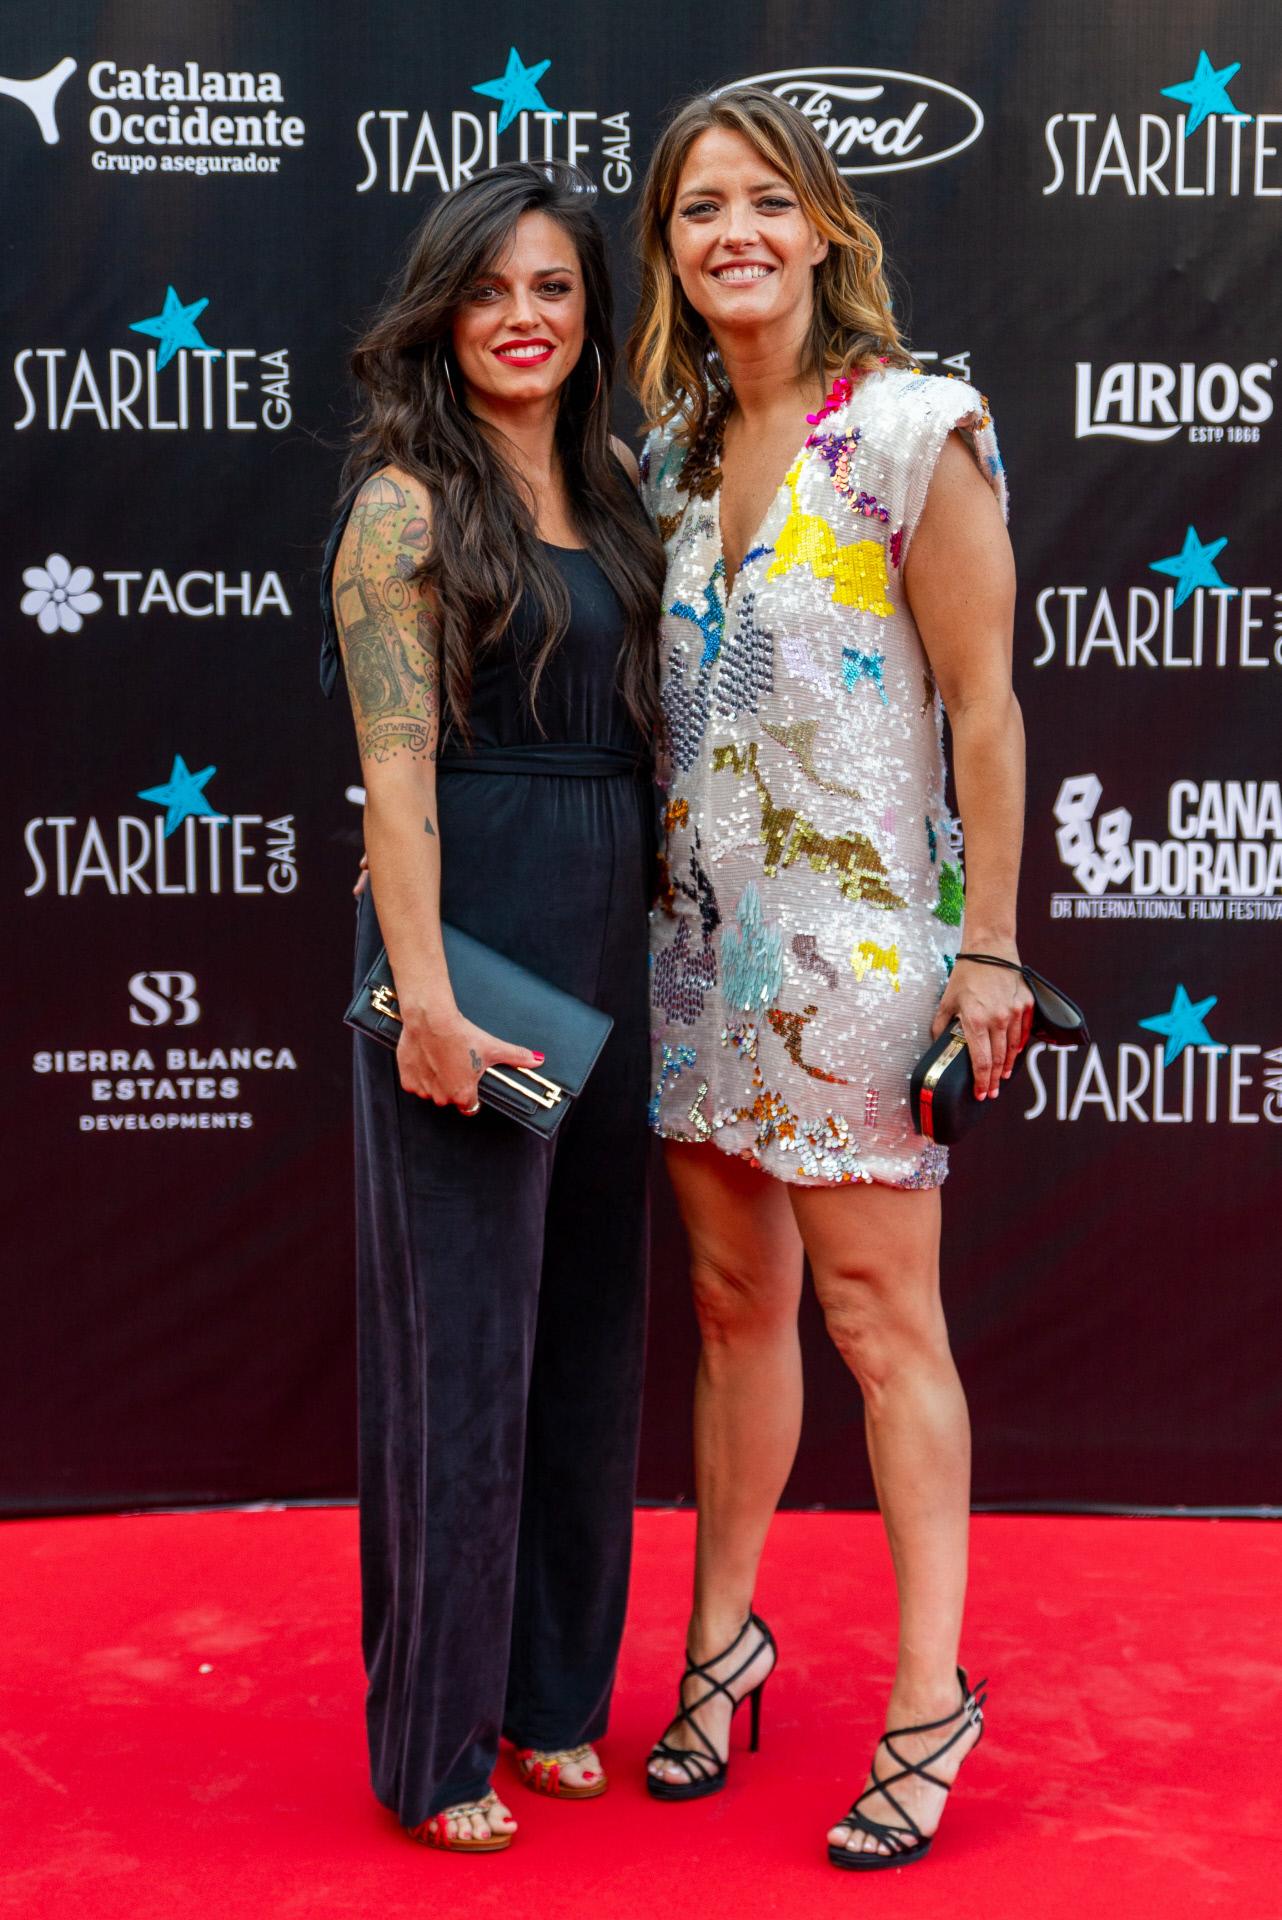 María Casado presenta a su novia en Starlite: ¿quién es Martina, la artista que ha conquistado a la periodista?